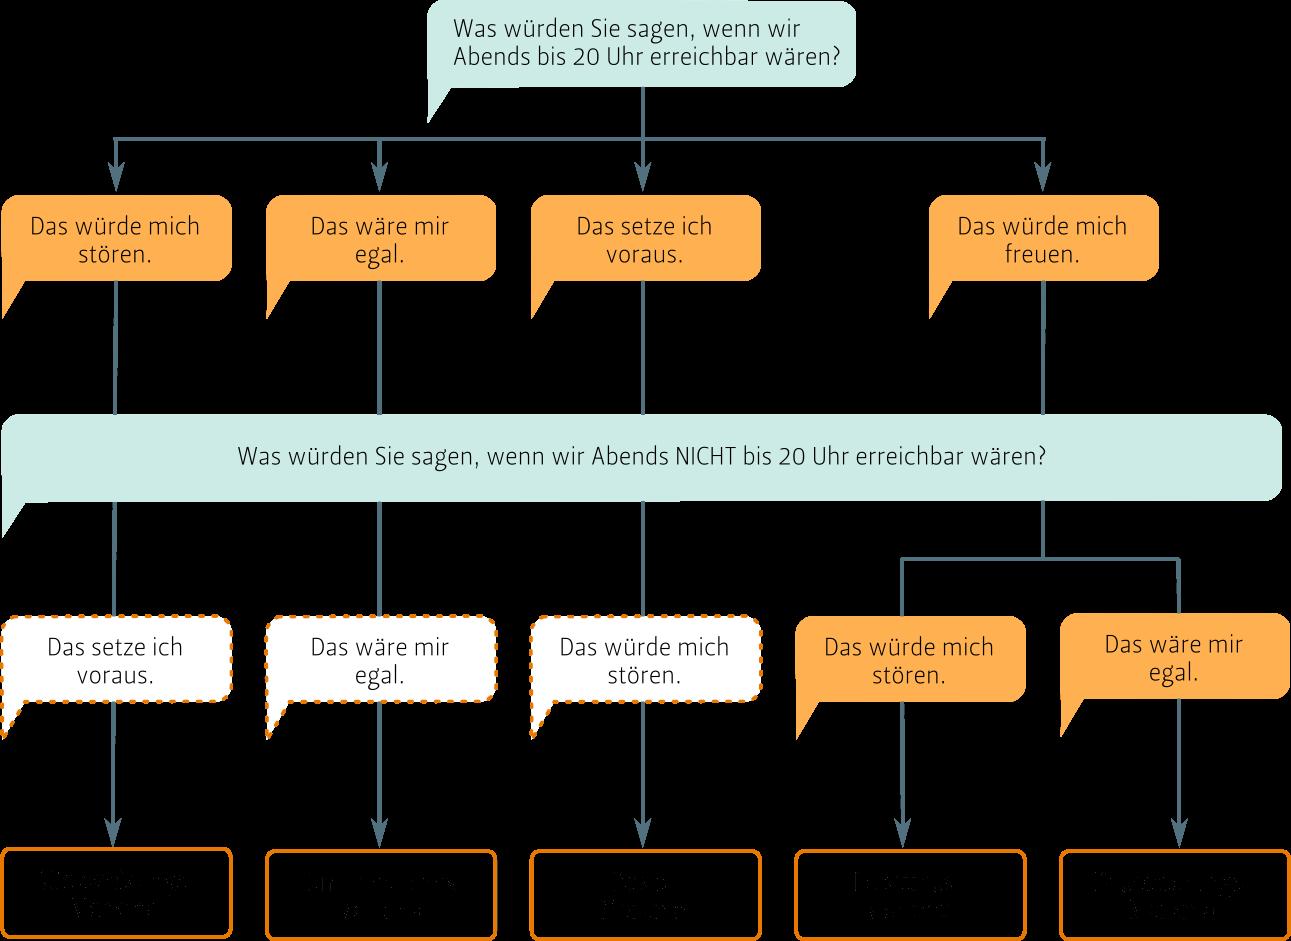 Kano-Modell: Unterscheidung der Merkmale mit zwei Fragen